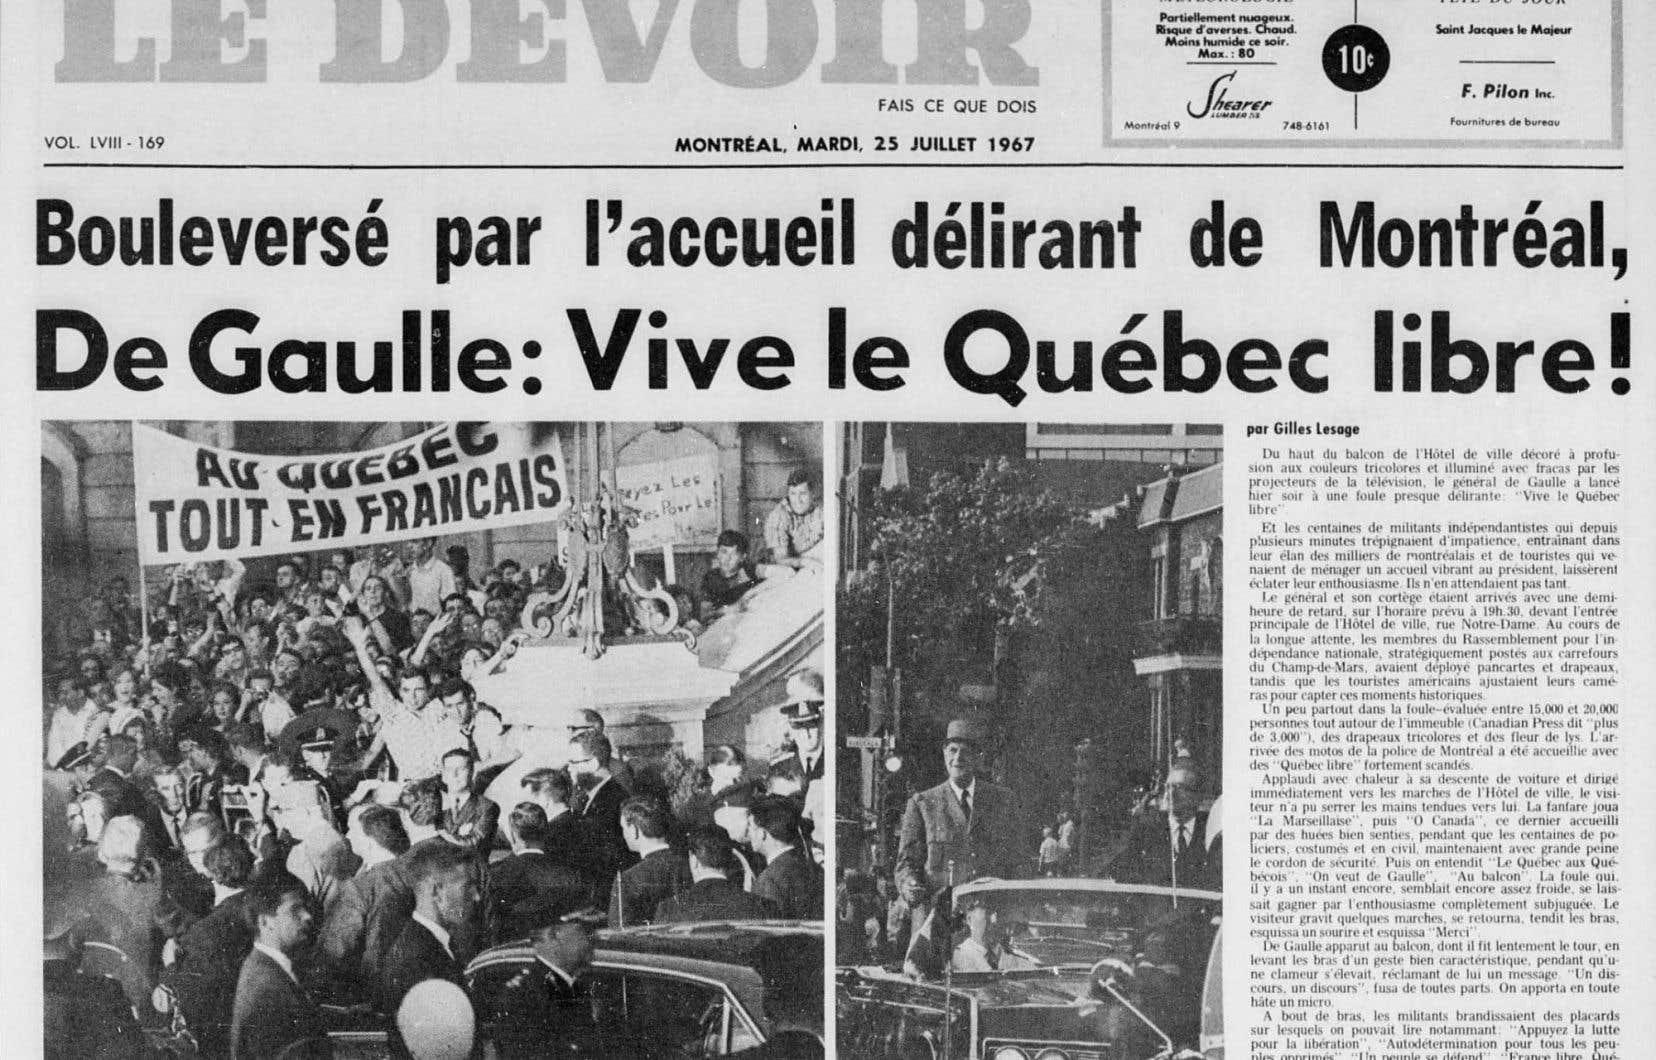 La une du «Devoir» du 25 juillet 1967, au lendemain du discours du général de Gaulle